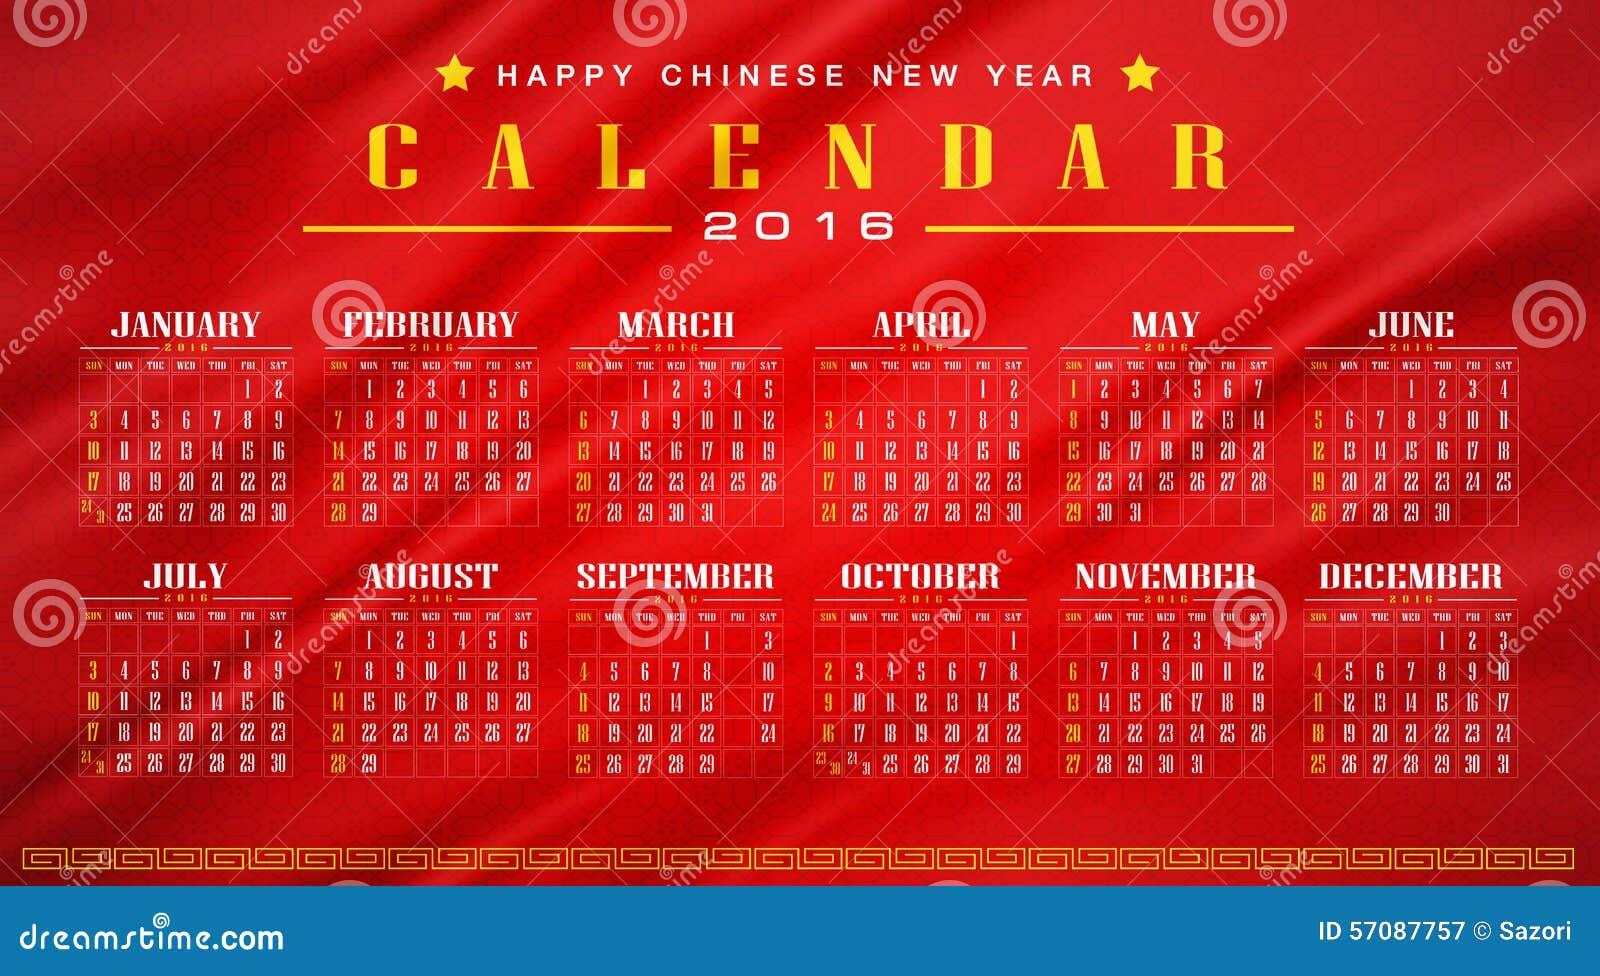 2016-2017 Chinese Horoscopes Prediction | Master Tsai ...